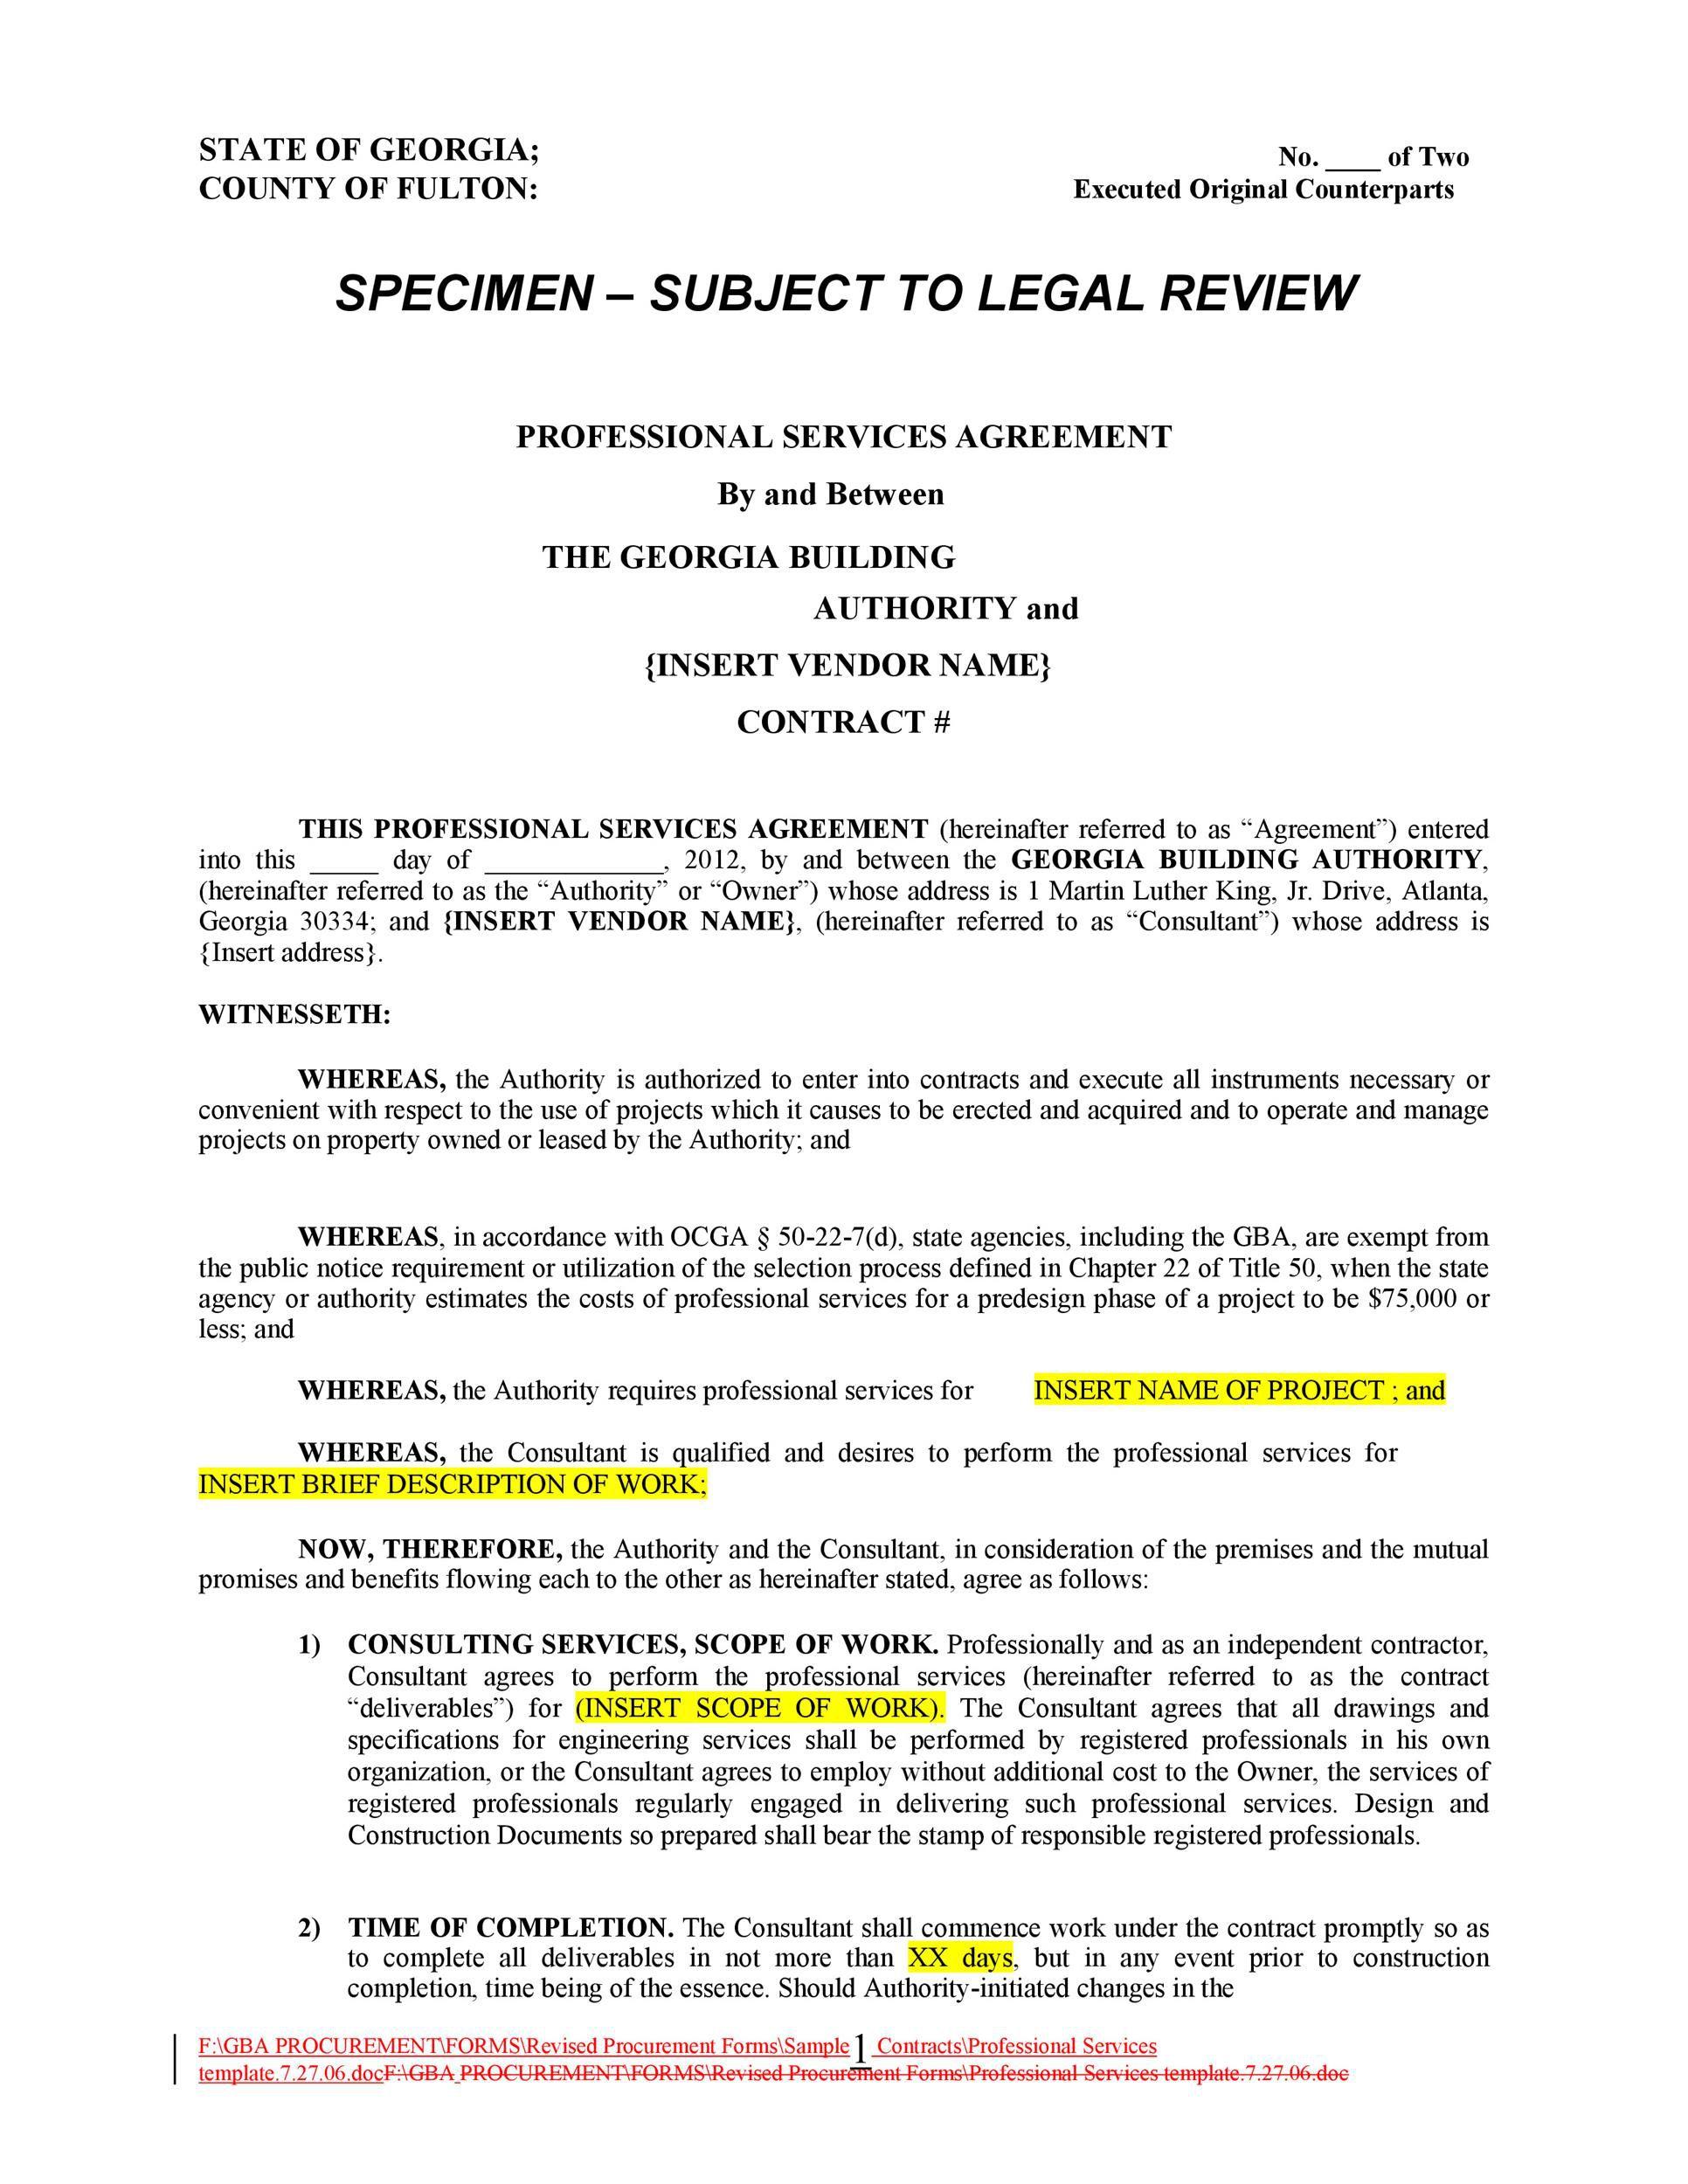 008 Stunning Service Level Agreement Template High Def  South Africa Nz For Website DevelopmentFull